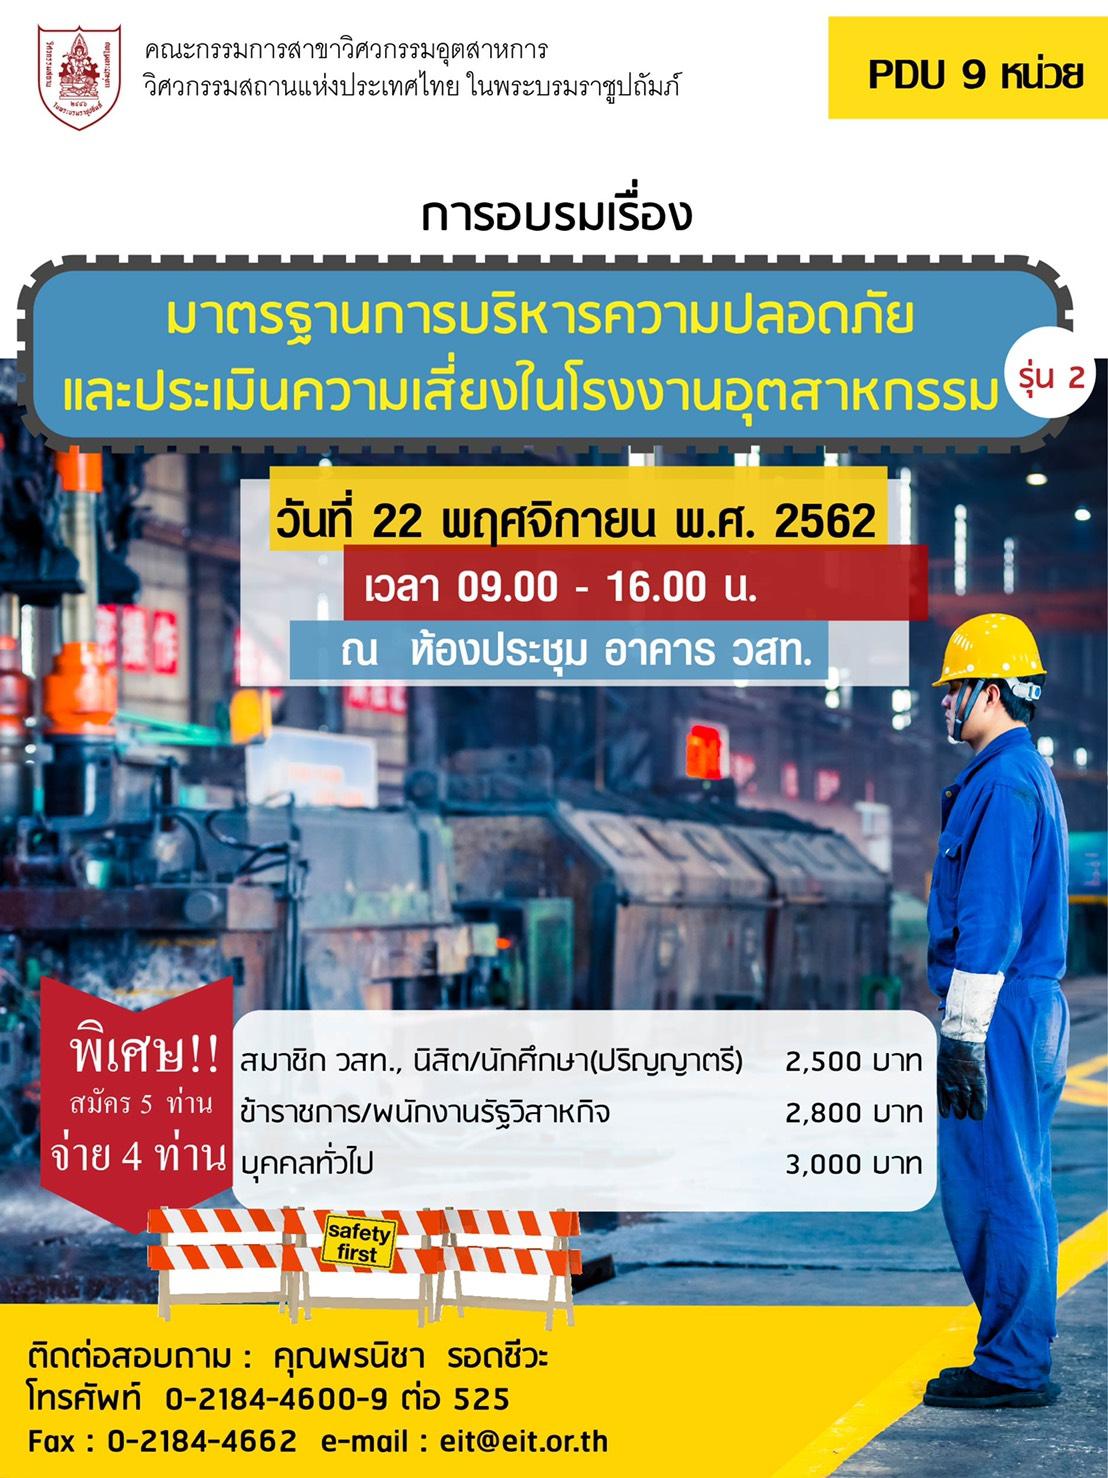 20/12/2562 มาตรฐานการบริหารความปลอดภัย และประเมินความเสี่ยงในโรงงานอุตสาหกรรม รุ่นที่ 2